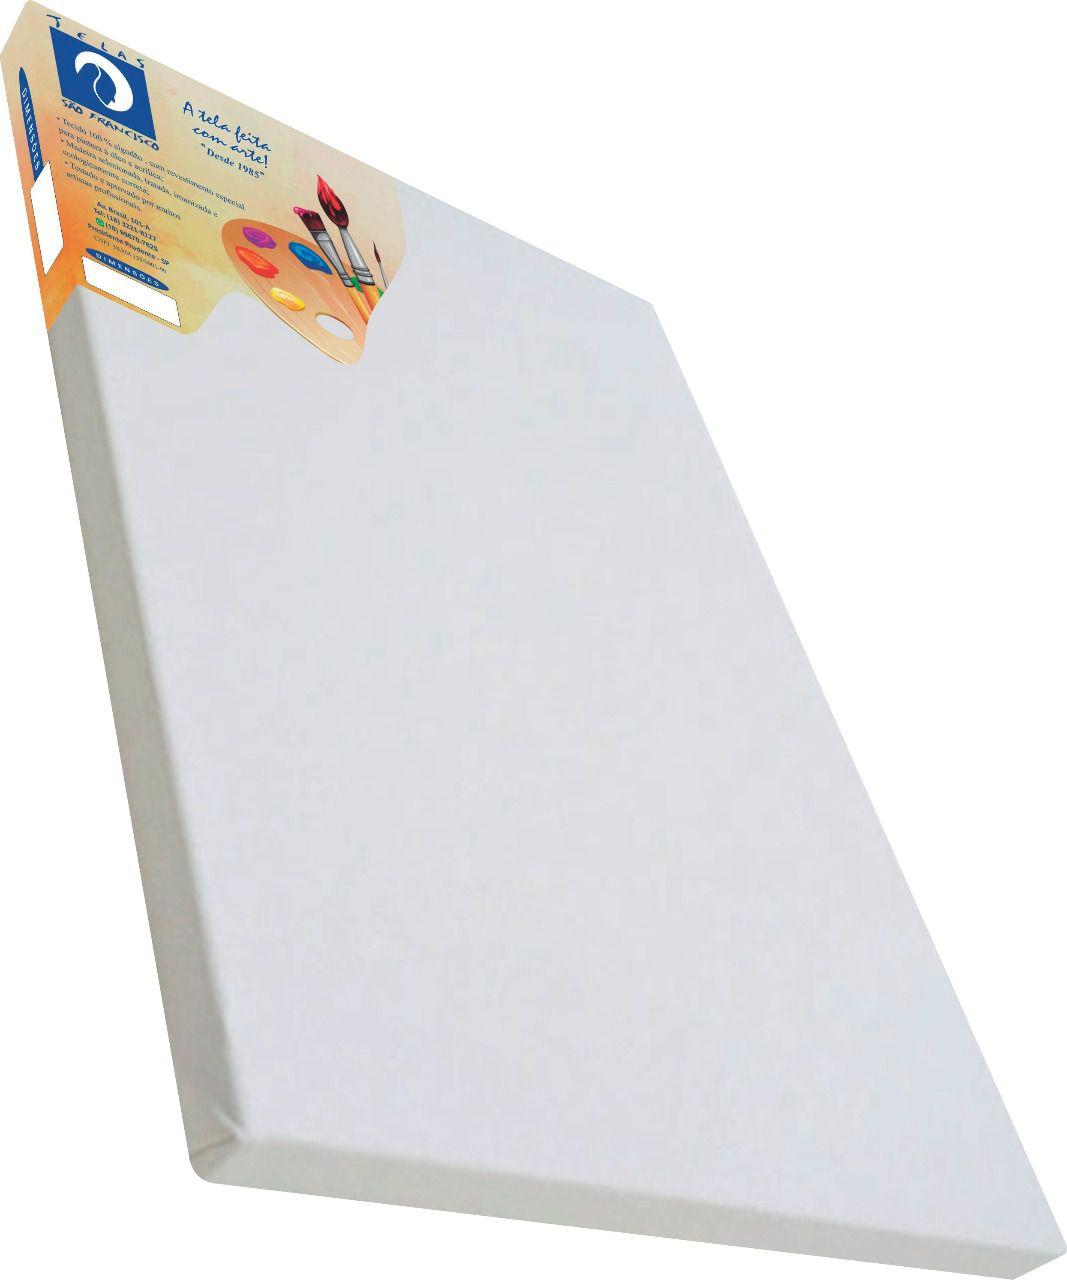 Tela comum para pintura 30x30cm - São Francisco